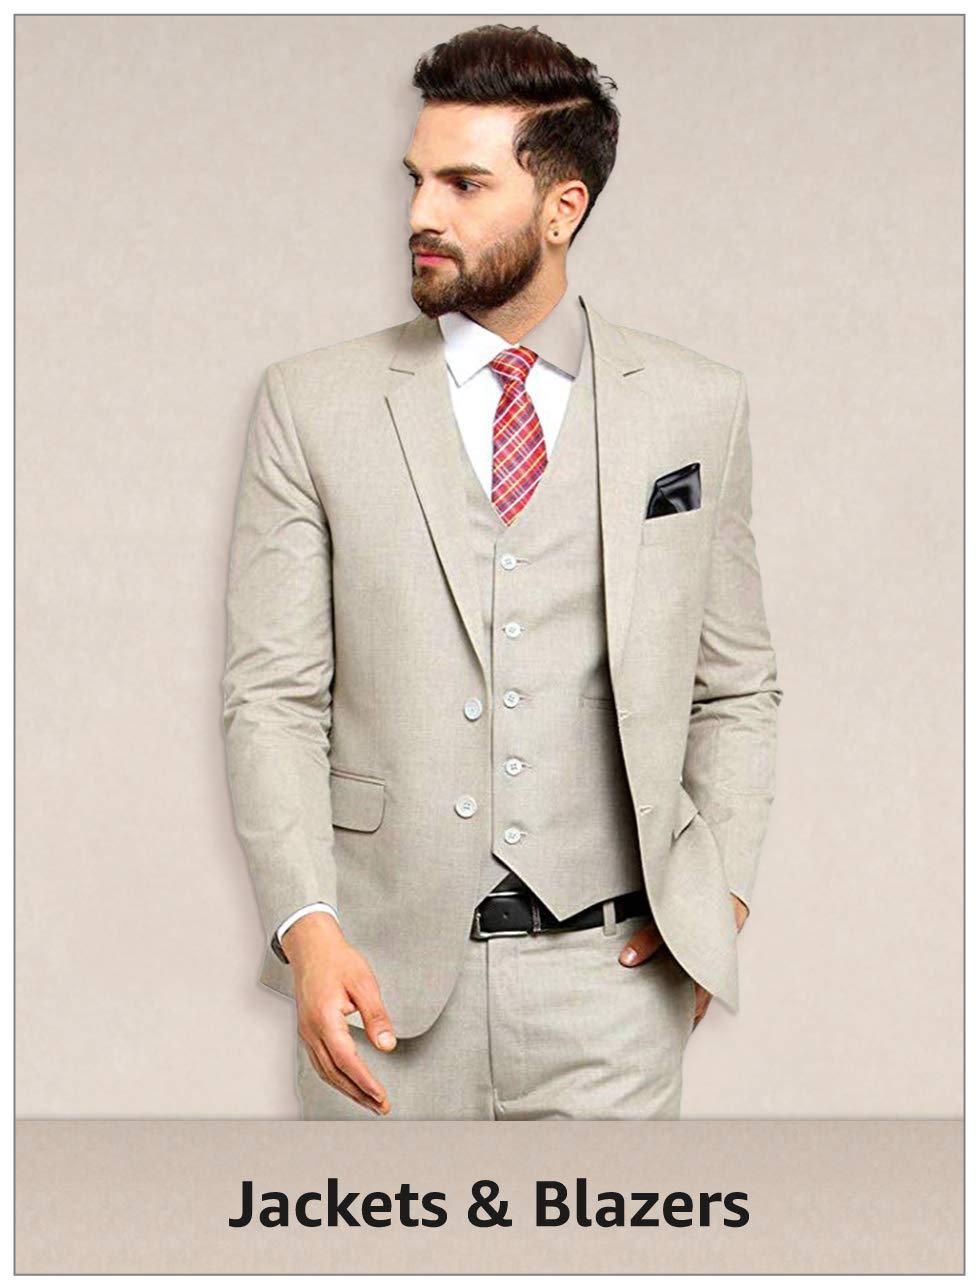 Jackets & Blazers